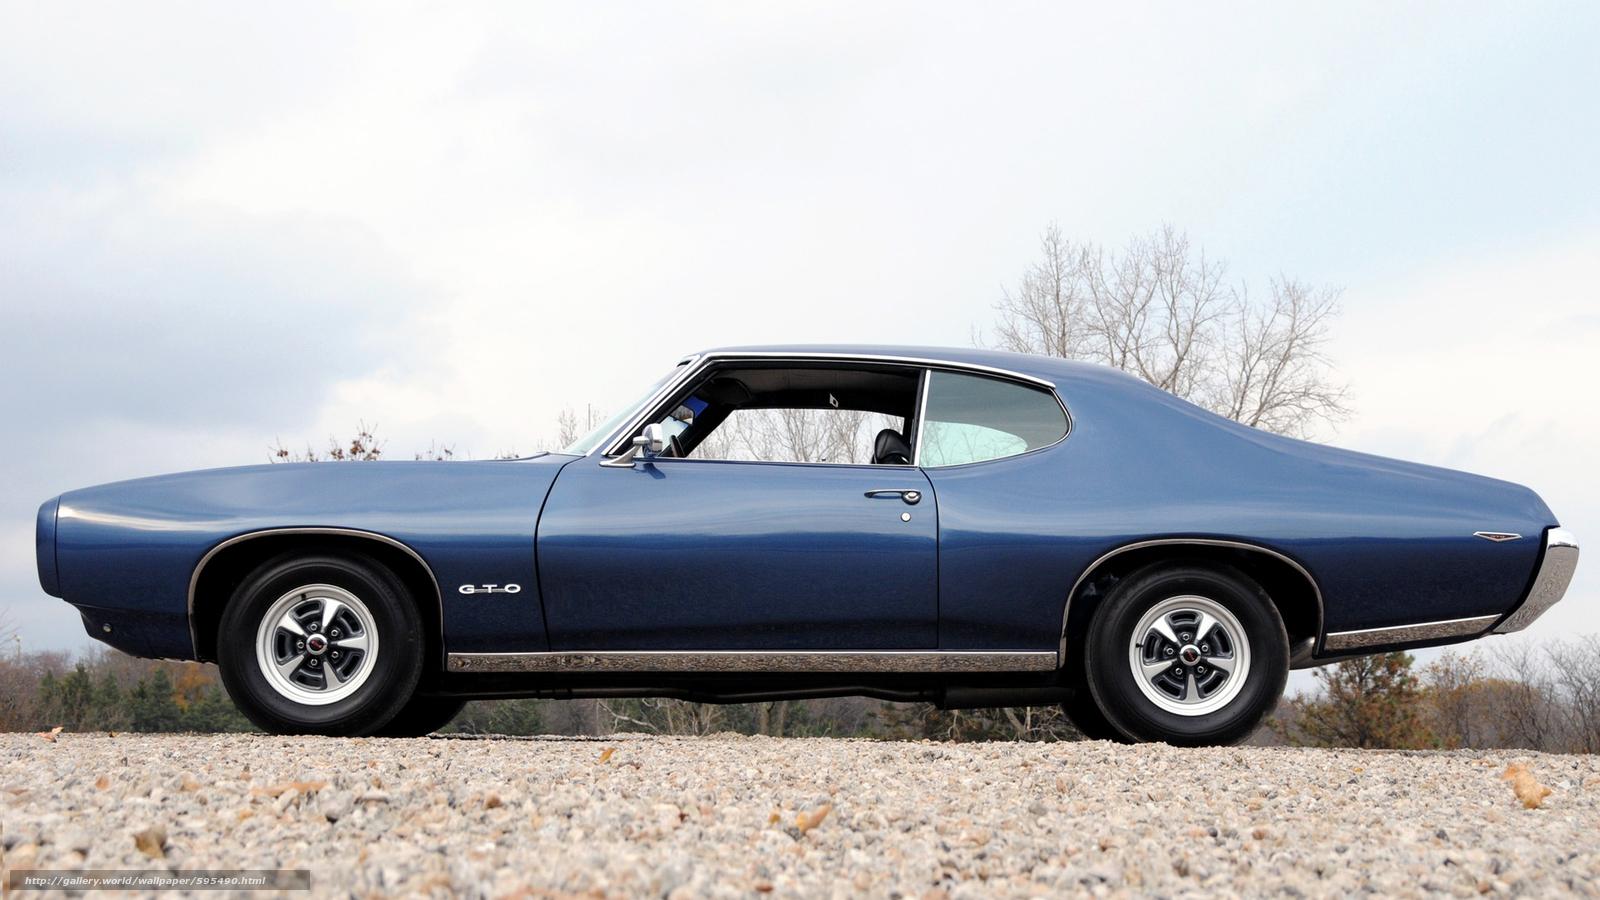 tlcharger fond d 39 ecran classique voiture nostalgie 1969 pontiac gto hardtop coupe fonds d. Black Bedroom Furniture Sets. Home Design Ideas